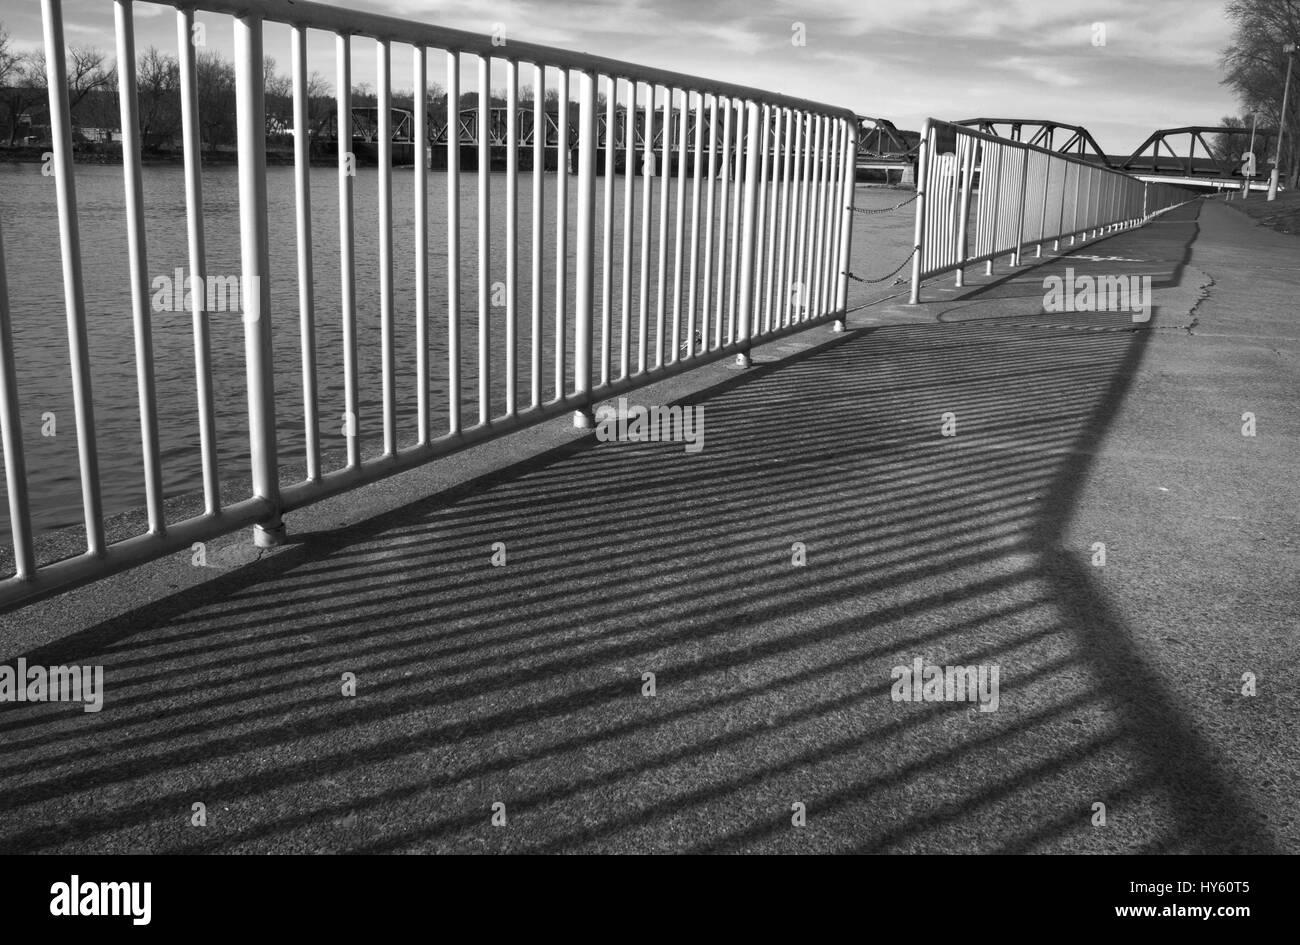 Balustrade répétition Shadows Photo Stock